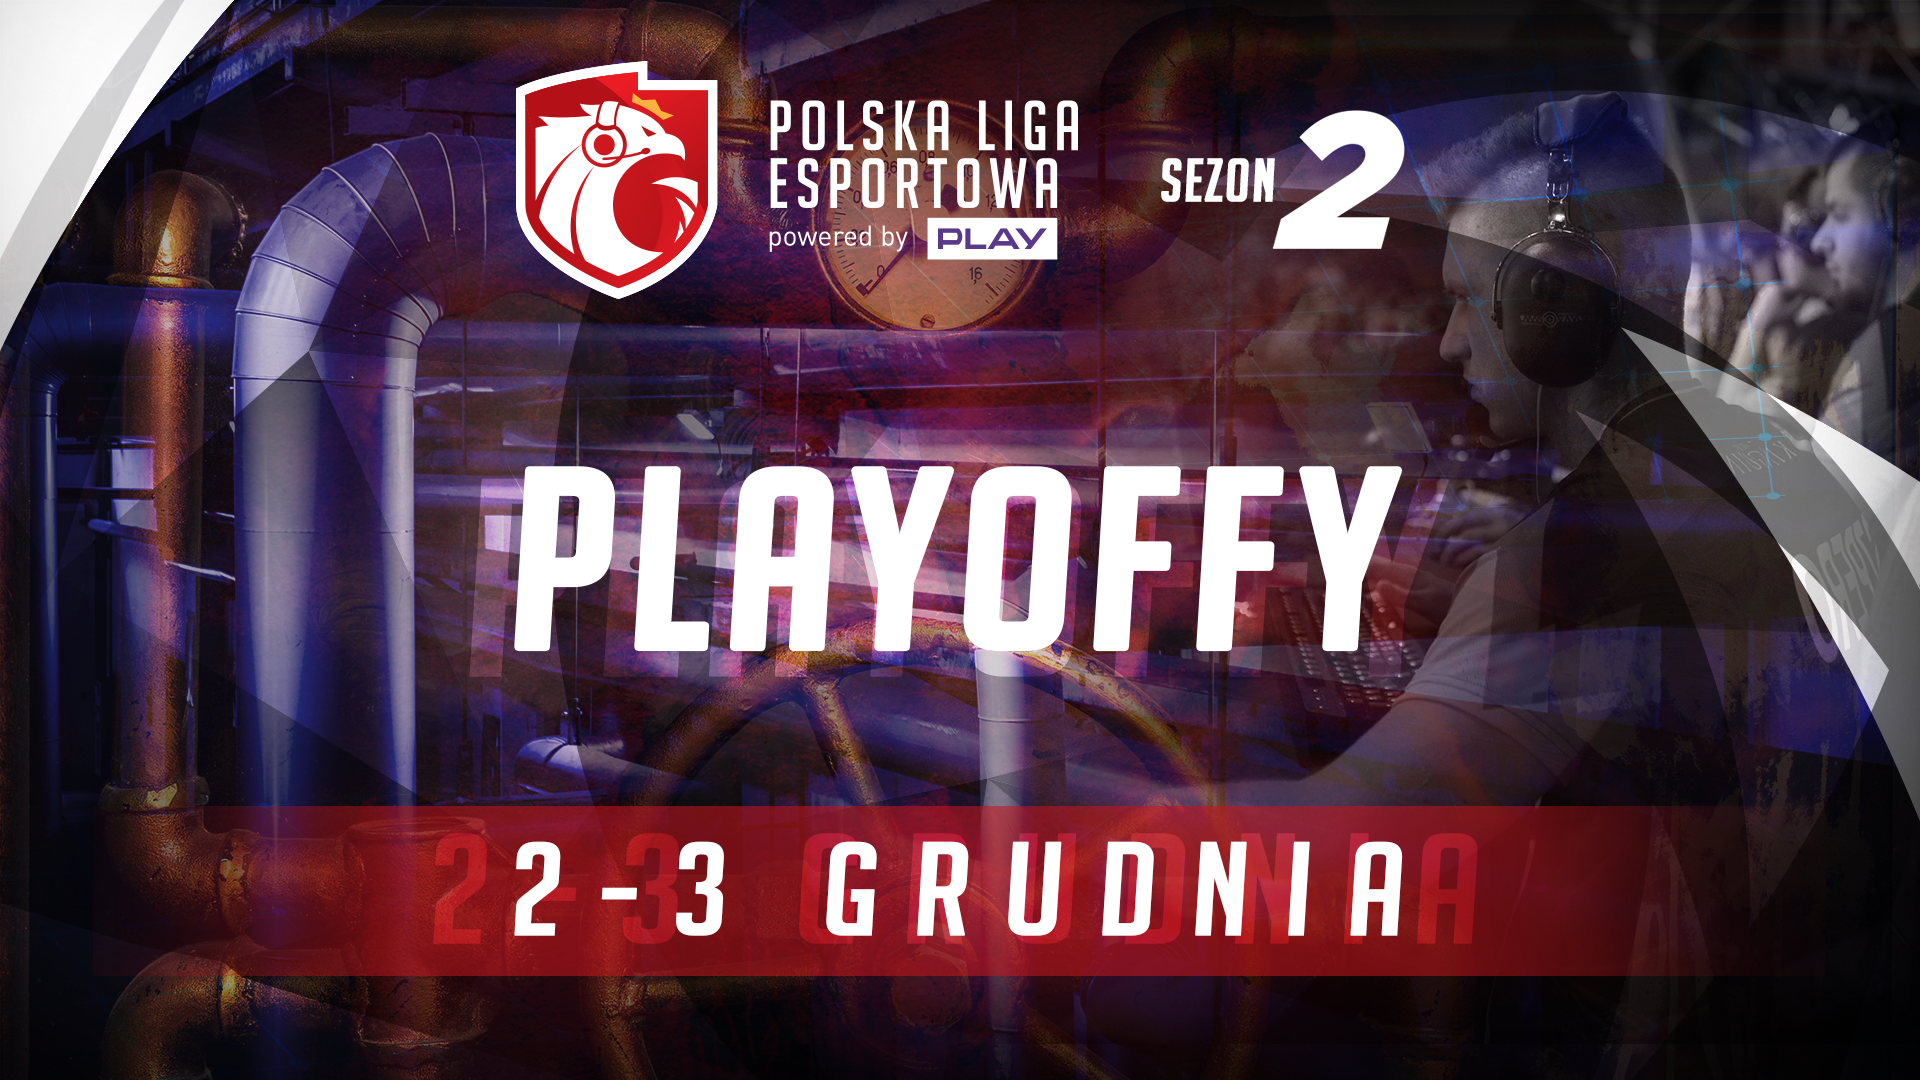 Ostateczne rozstrzygnięcia w Polskiej Lidze Esportowej już na początku grudnia!